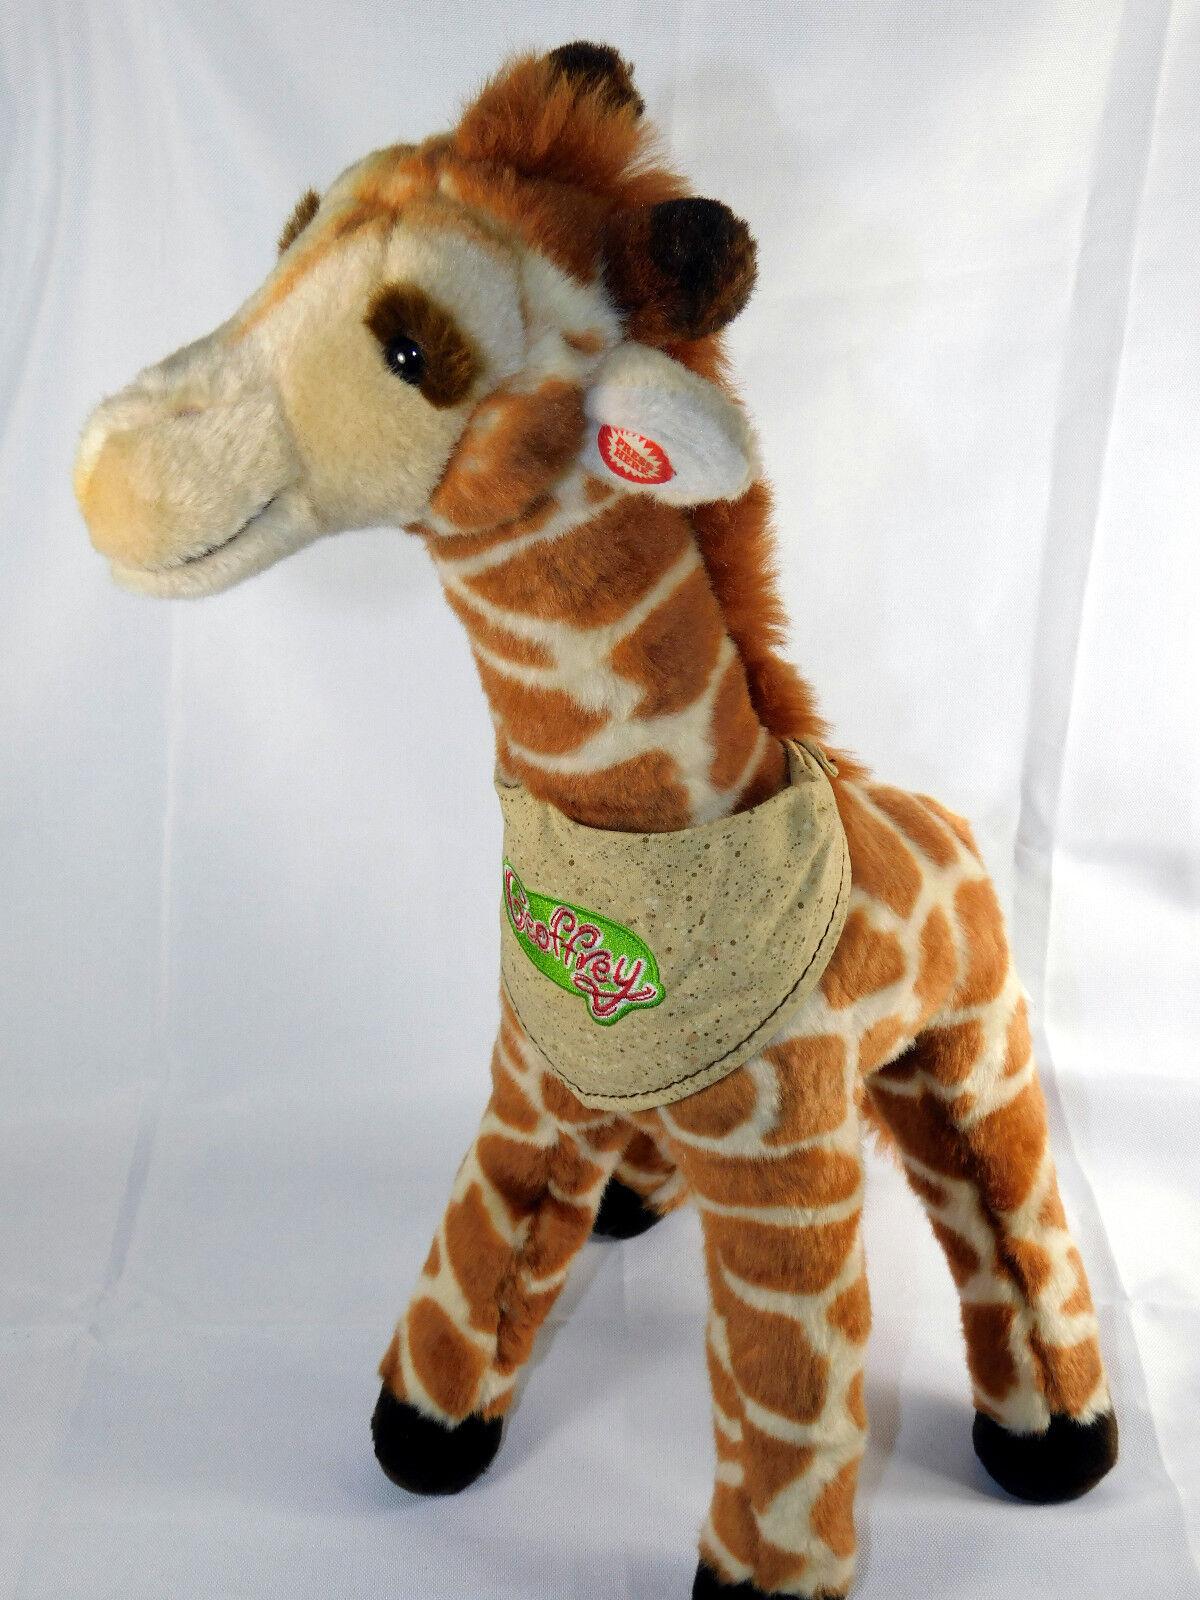 Toys r us geoffrey giraffe mit 2000 19  plsch gefllte spielzeug ex. te.